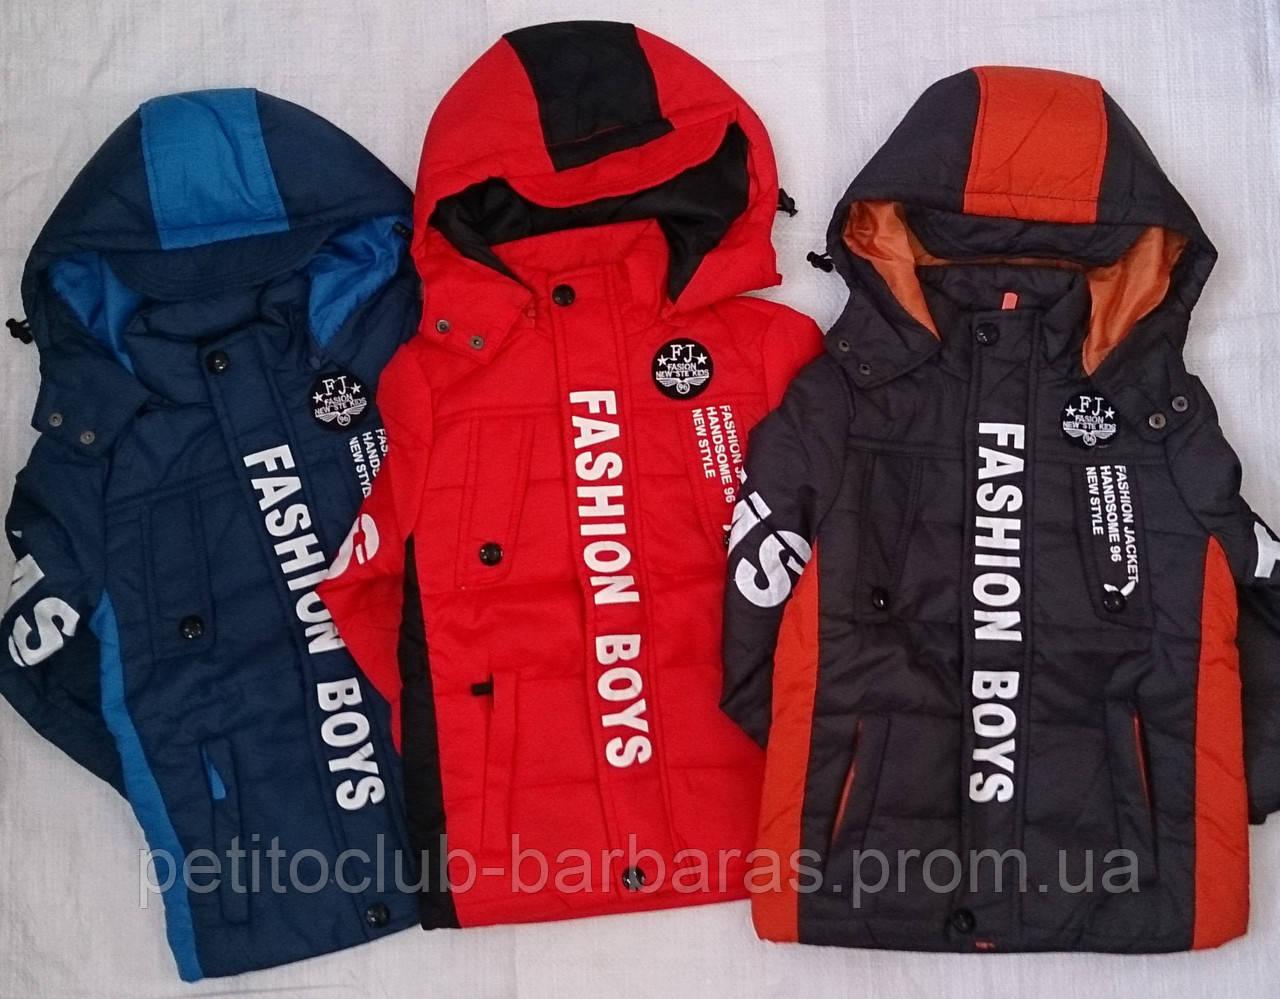 Курточка демисезонная для мальчика Fashion Boys